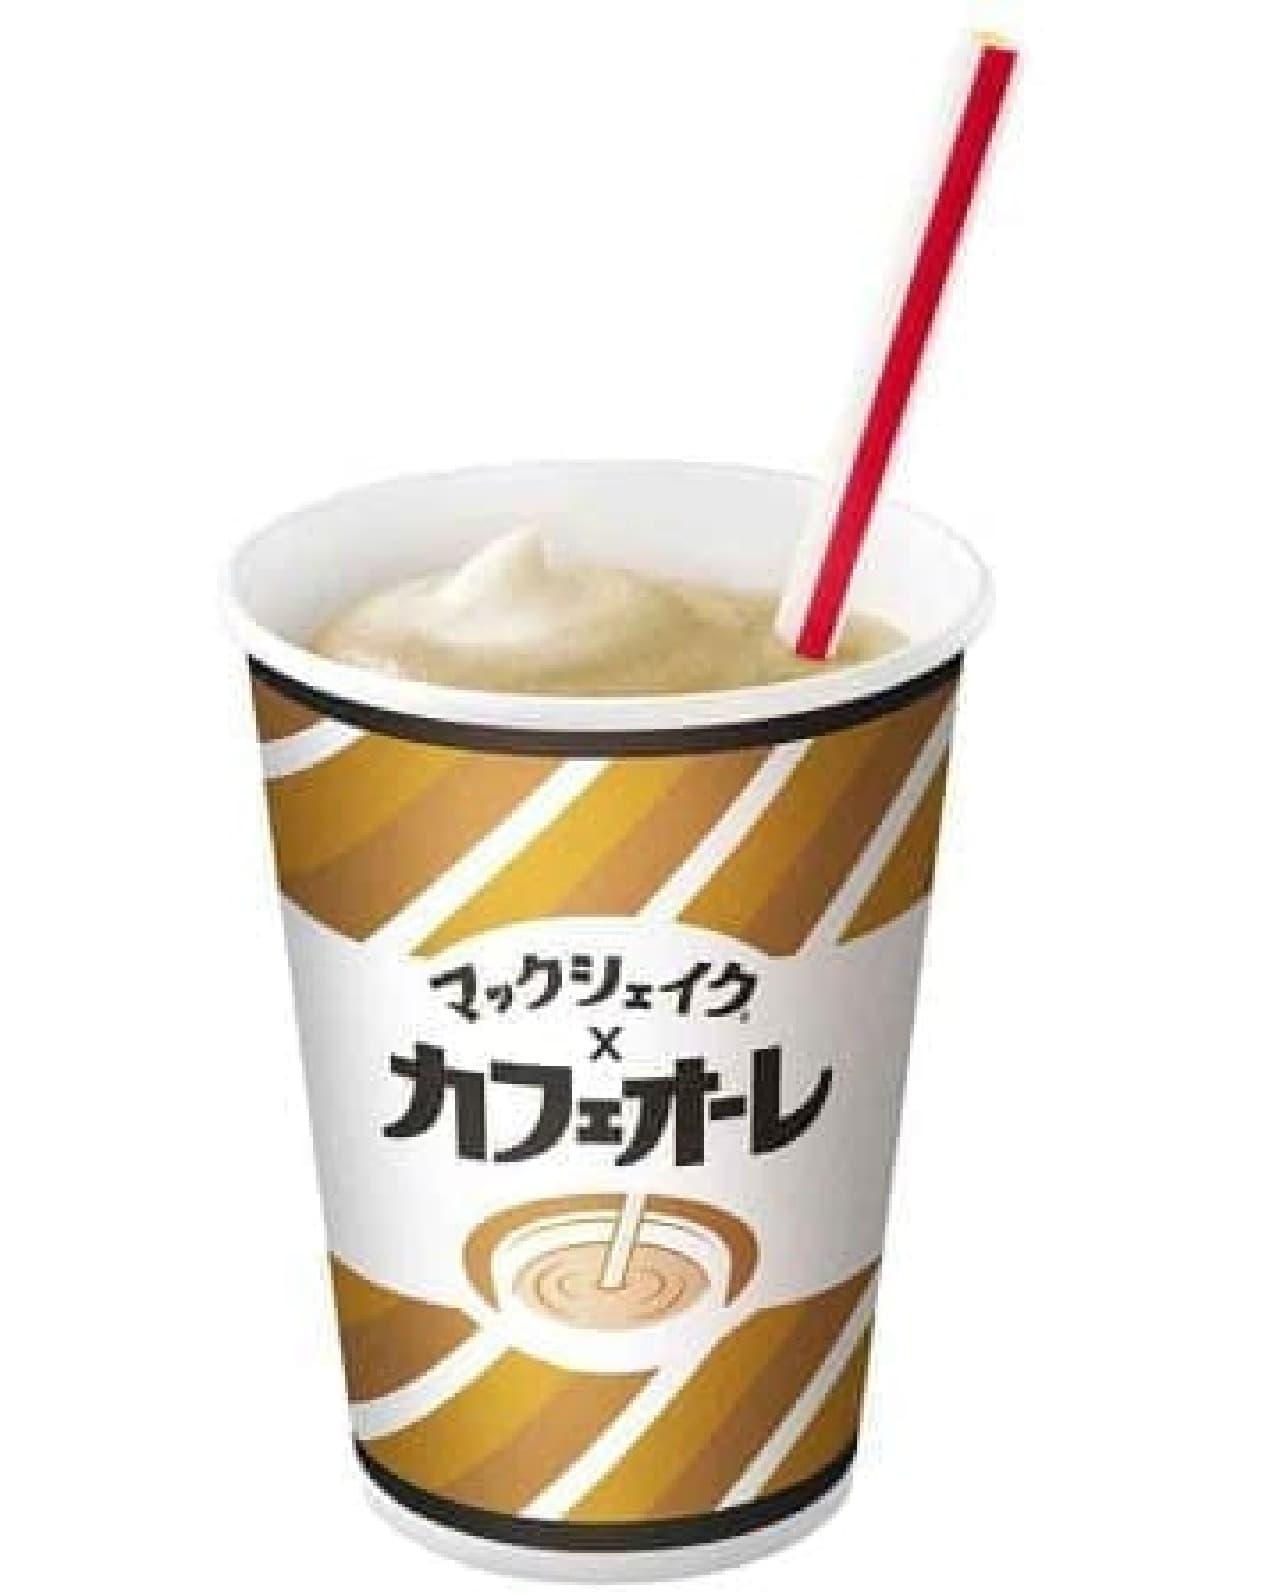 マクドナルド「マックシェイク × カフェオーレ」